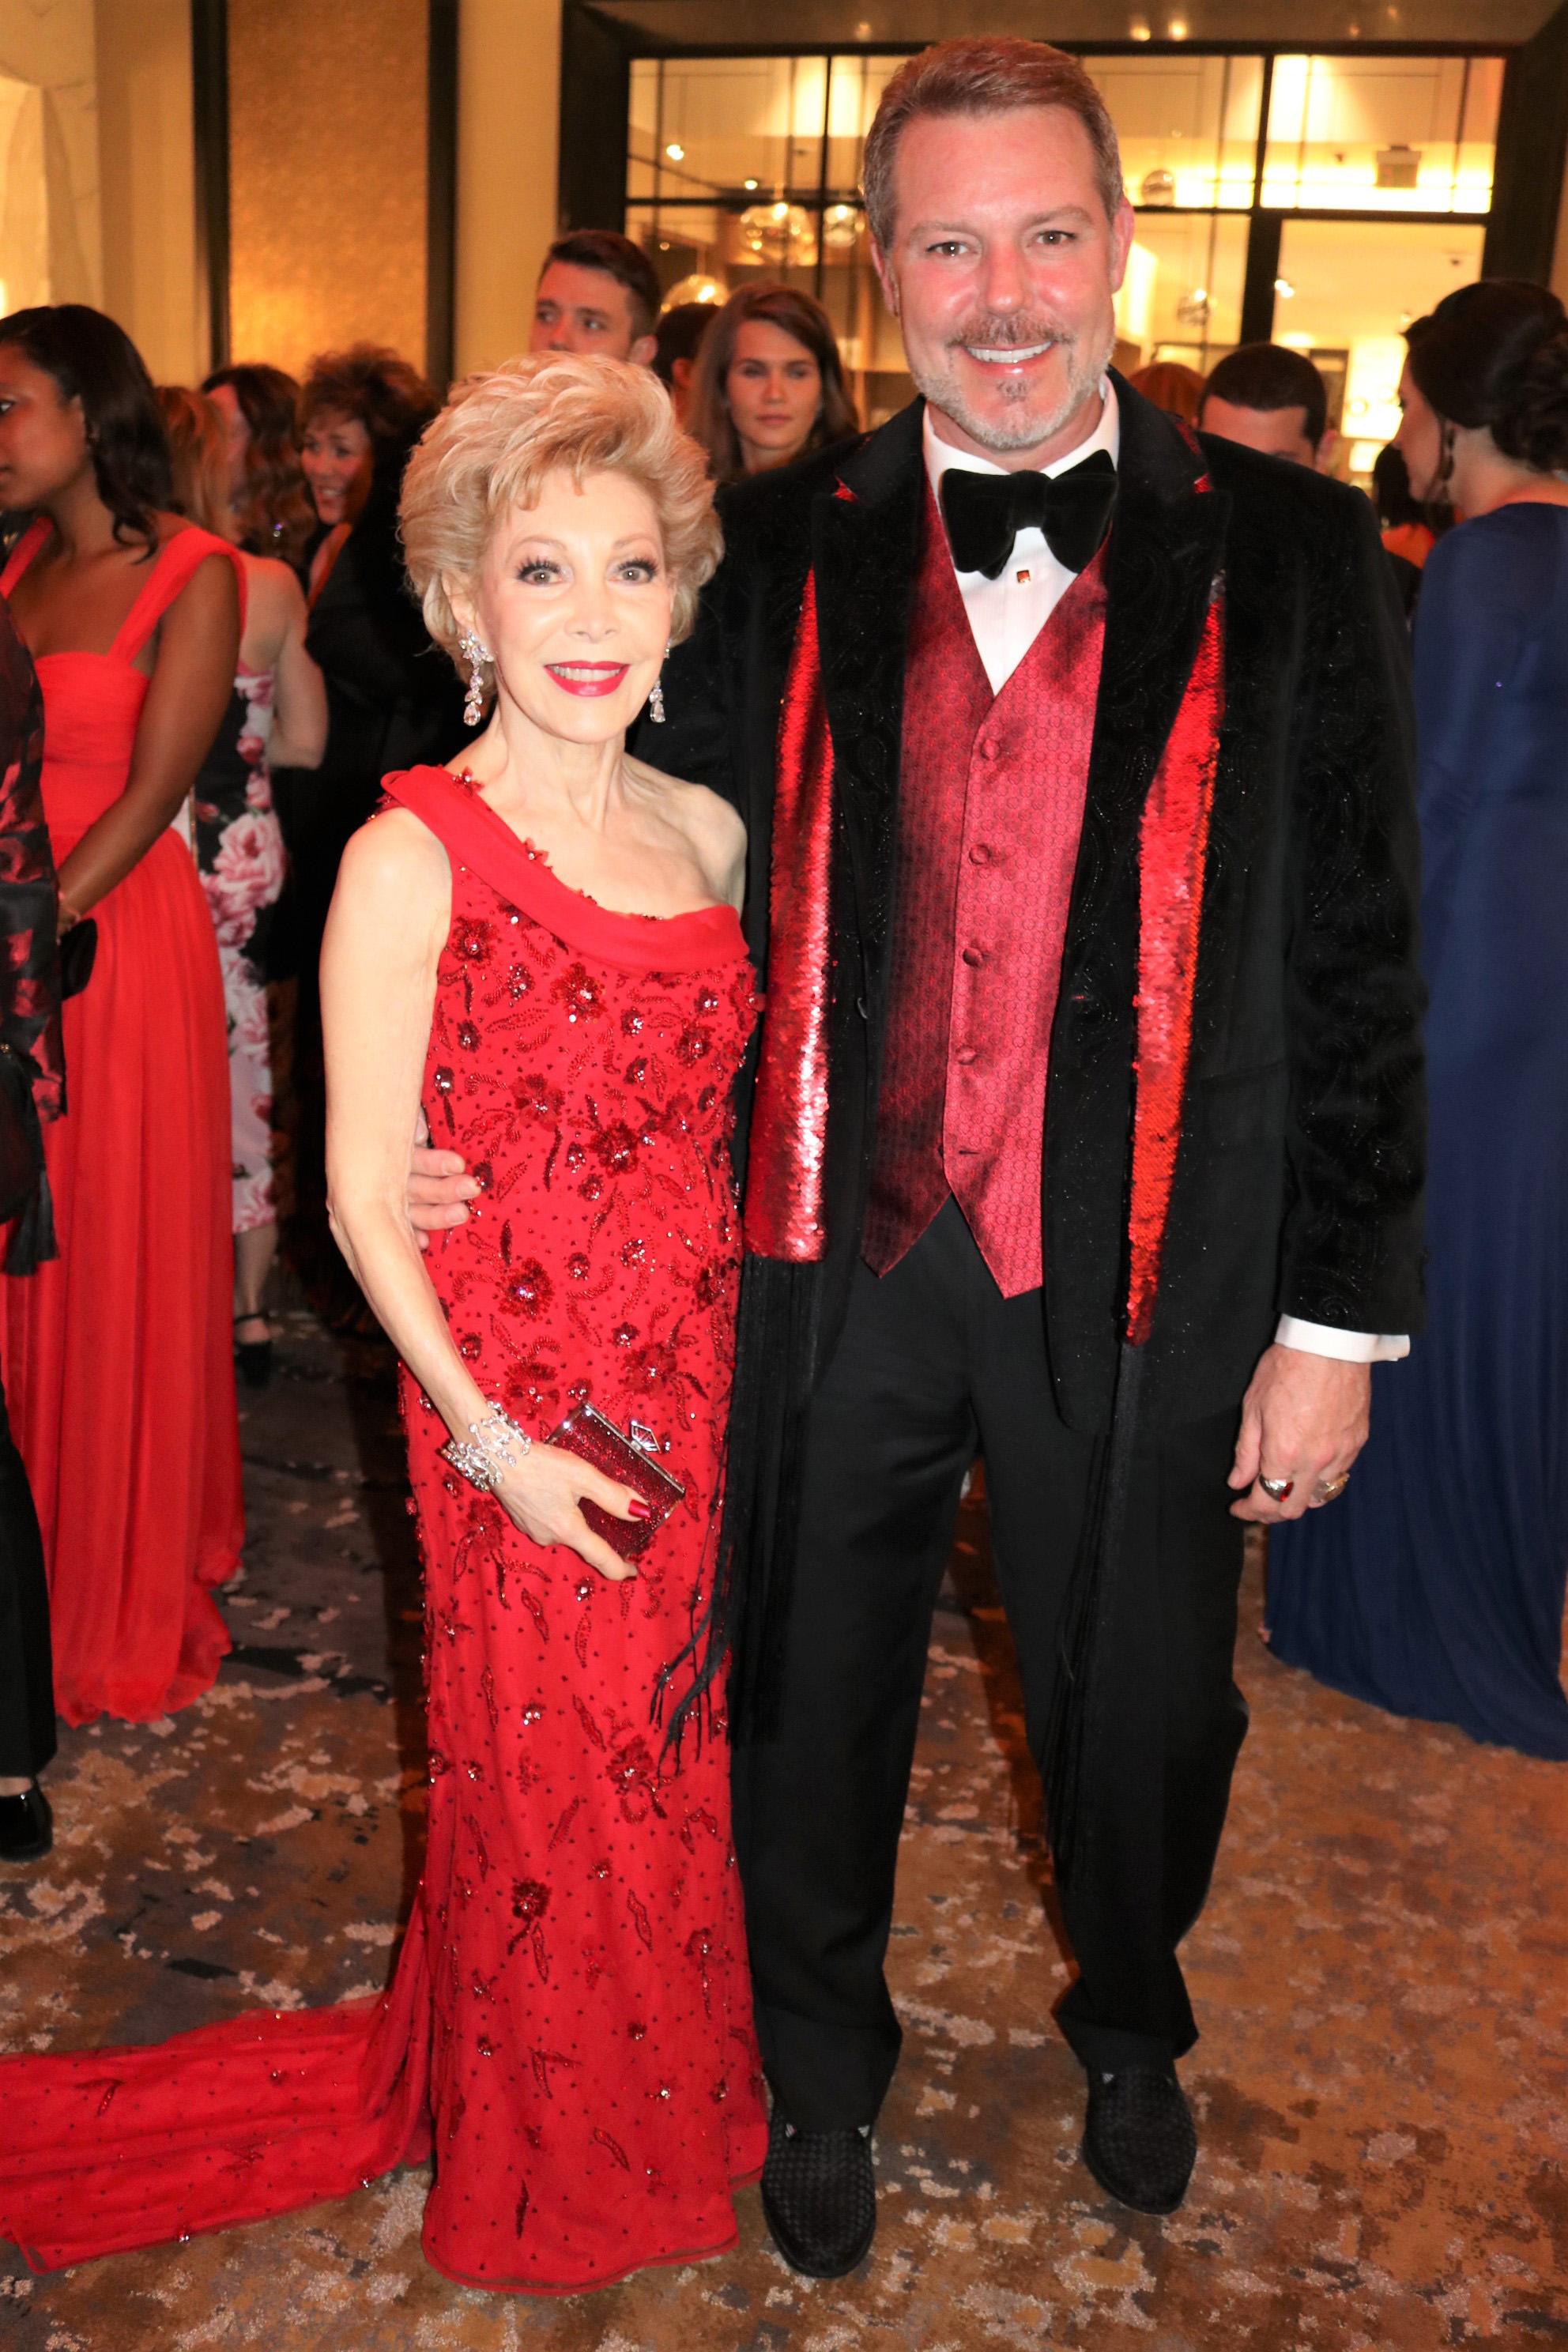 Margaret Alkek Williams and Paul David Van Atta